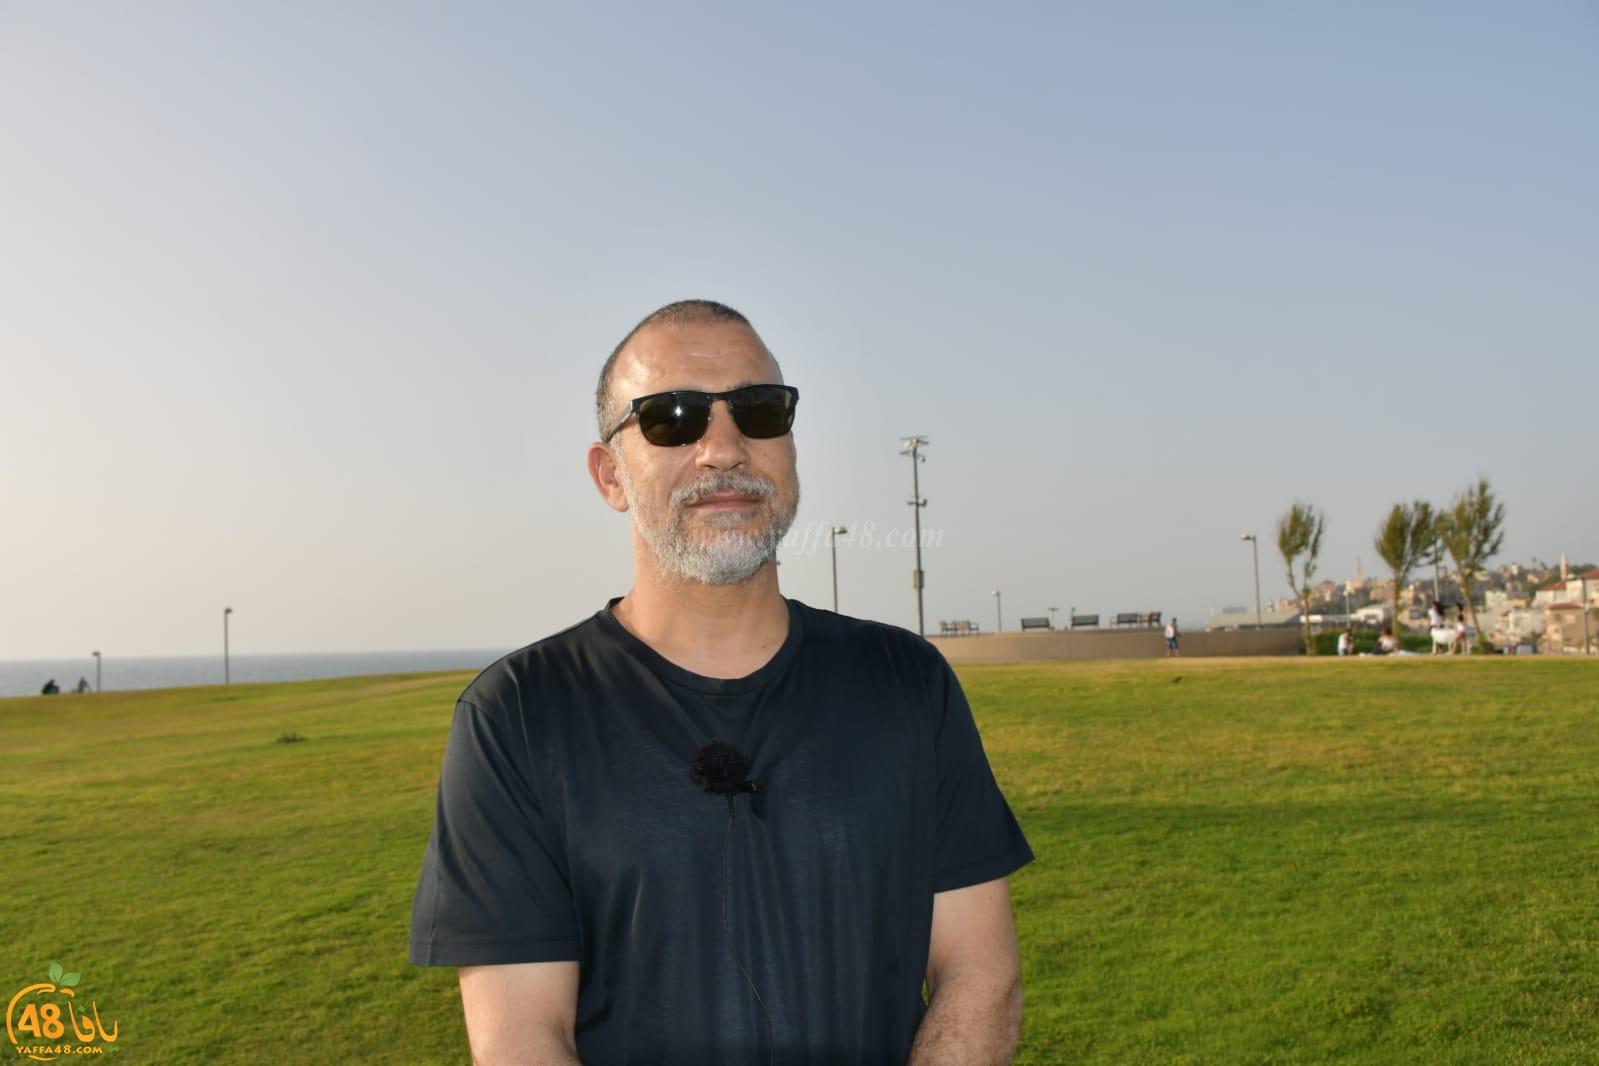 فيديو: الحاج طارق أشقر هلمّوا بنا لنصلي العيد خلف امام واحد دعوة لاداء صلاة العيد في المنتزه